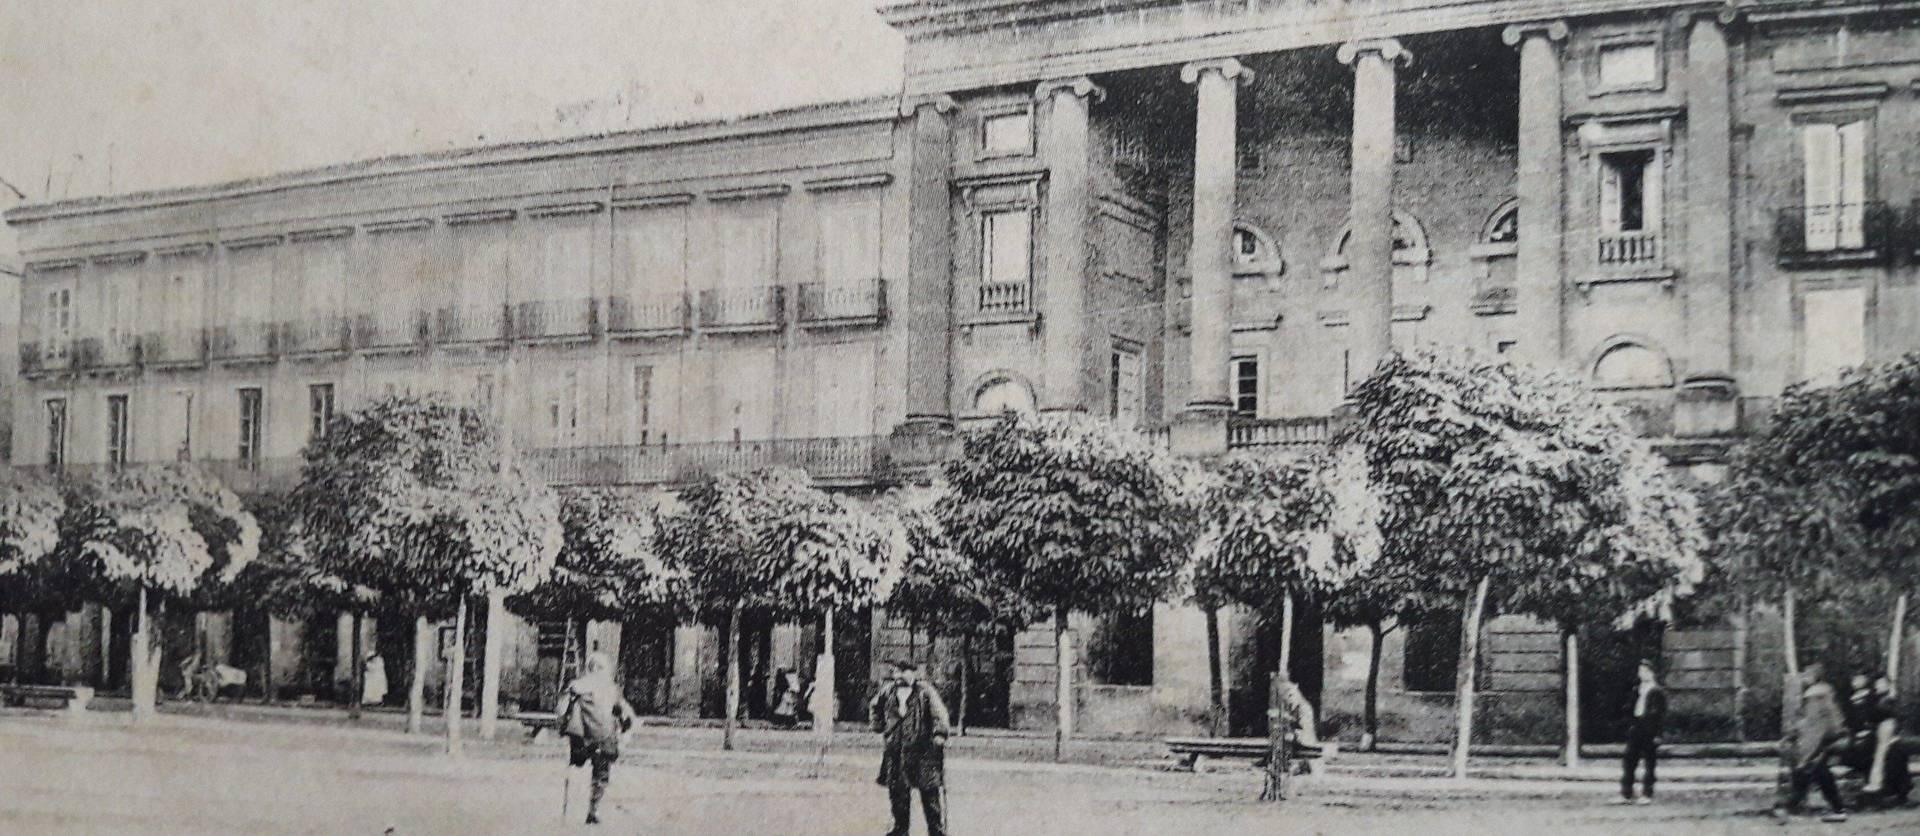 Fachada del antiguo teatro Gayarre en 1905, cuando estaba en la plaza del Castillo, entre el palacio de la Diputación y la casa del Crédito Navarro.